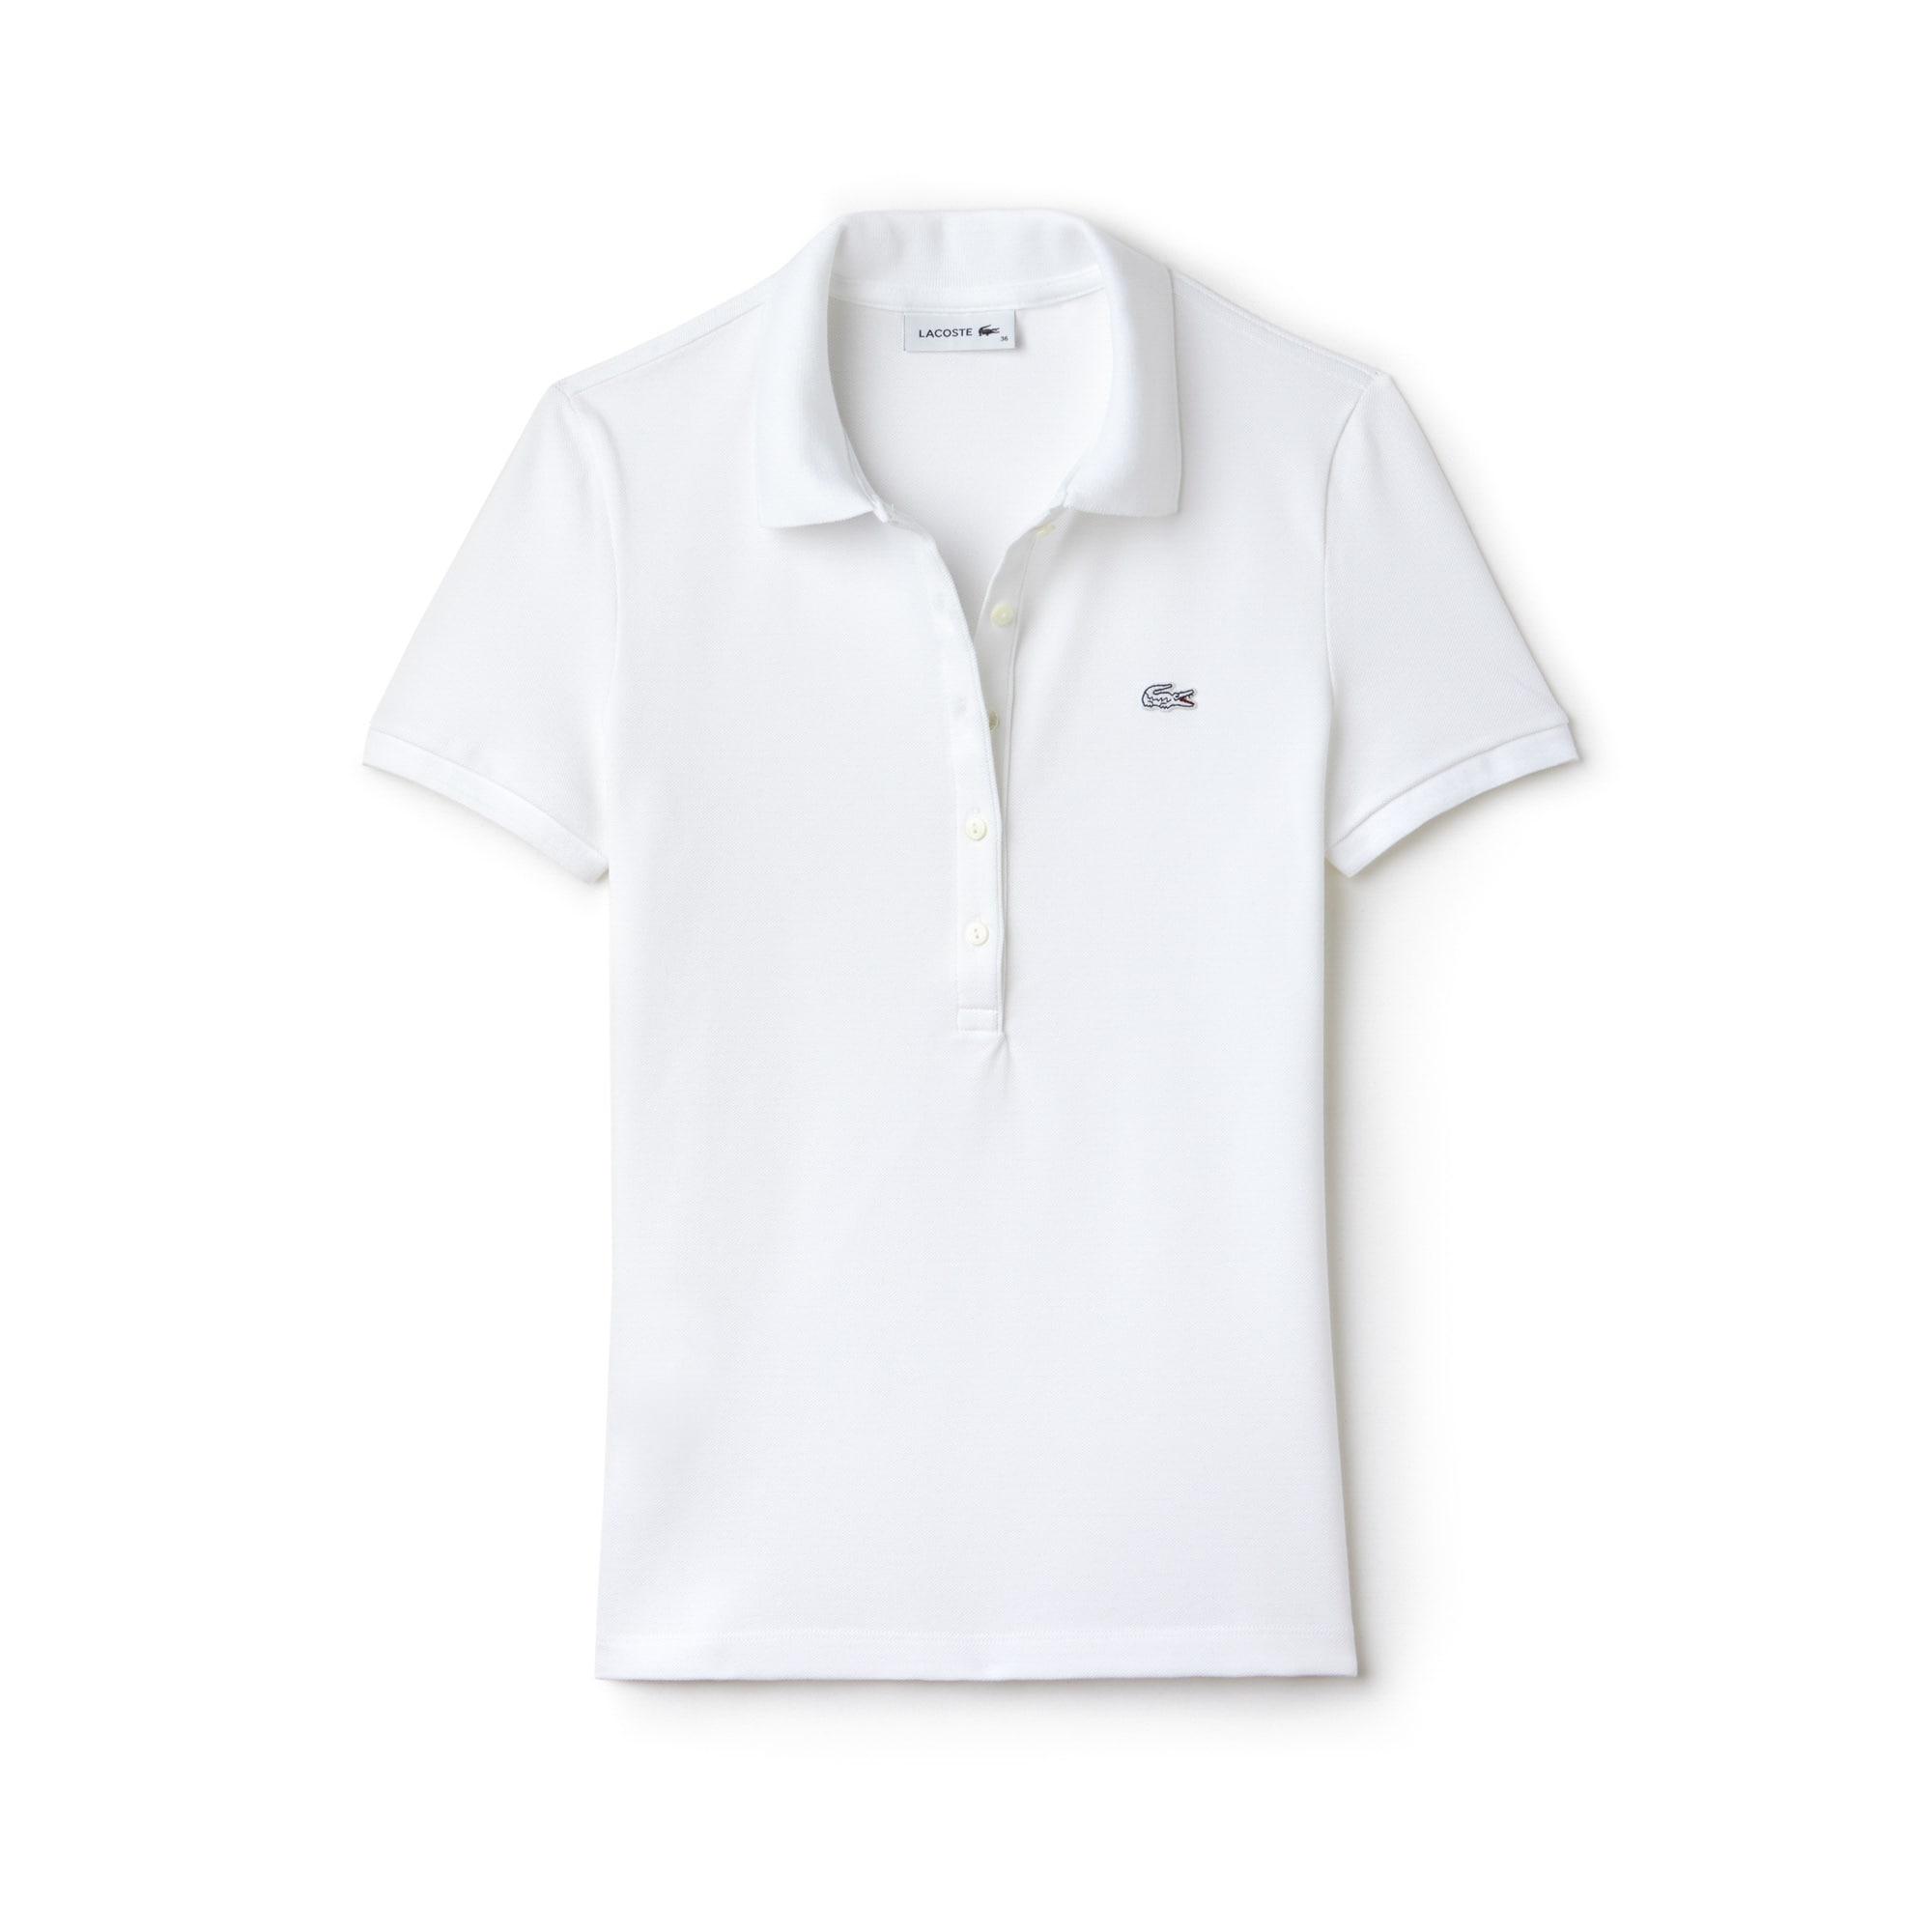 라코스테 Lacoste Womens Slim Fit Stretch Mini Cotton Pique Polo Shirt,white